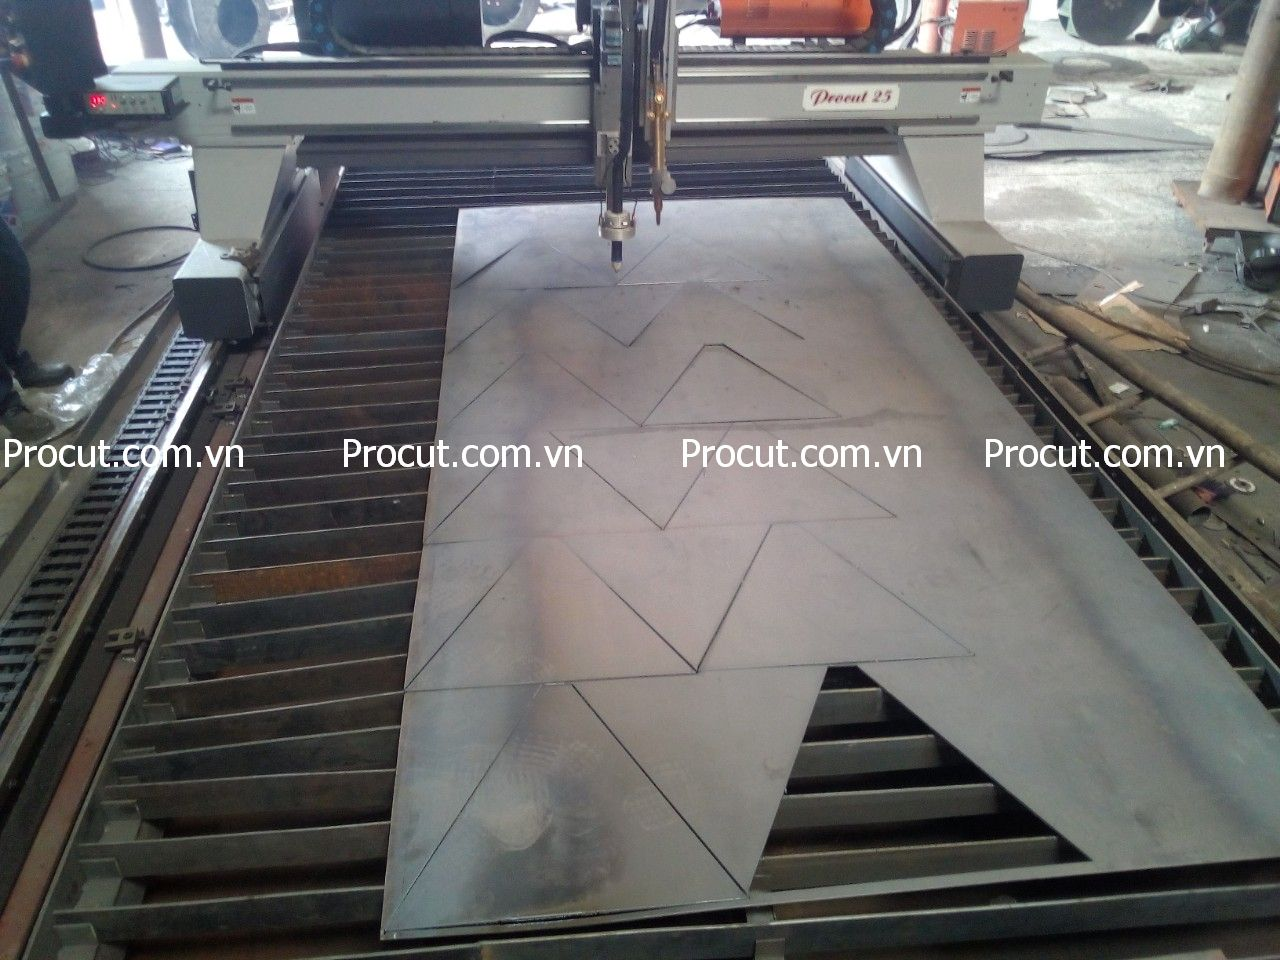 Thiết bị điều khiển này có thể được sử dụng với hầu hết bàn cắt 2 chiều